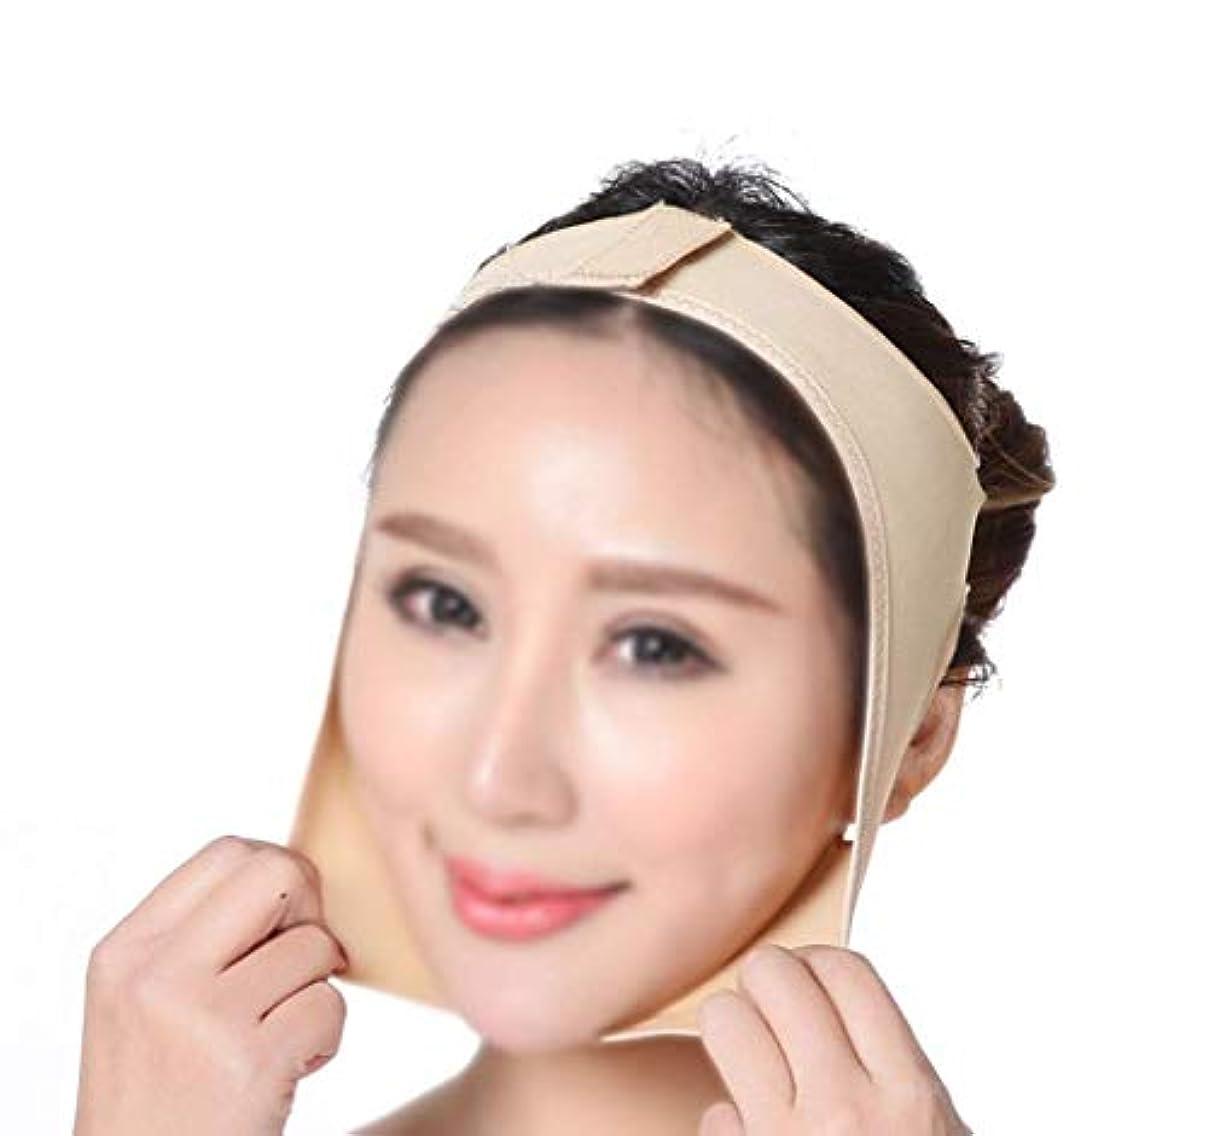 同化する修正哀ファーミングフェイスマスク、通気性フェイスバンデージVフェイスデバイススリープ薄型フェイスマスクフェイスマッサージ器具フェイスリフティングフェイスリフティングツール(サイズ:Xl),Xl